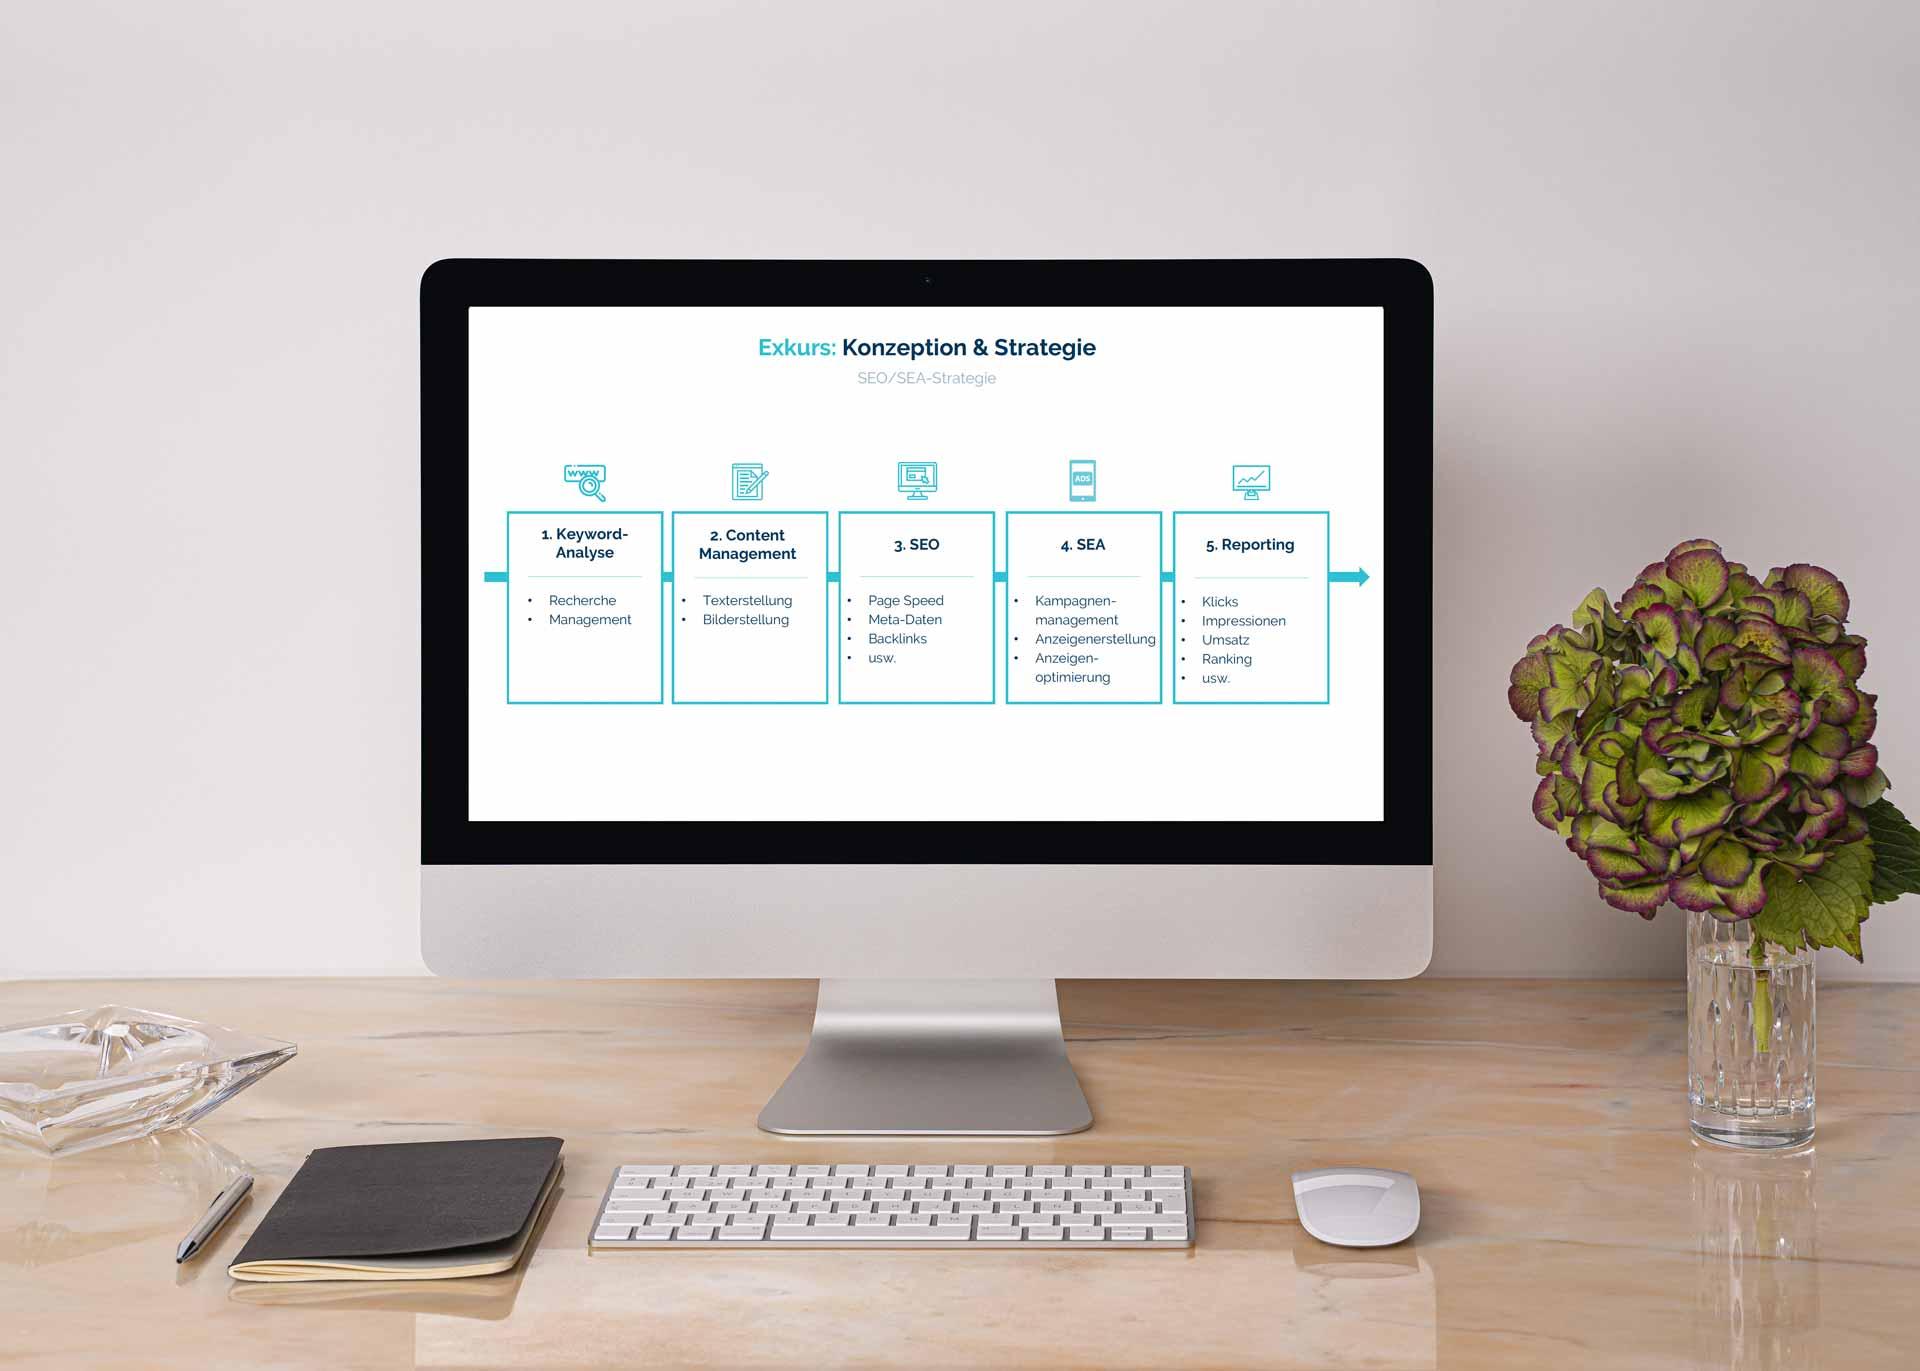 Konzeption & Strategie wird auf einem PC dargestellt.